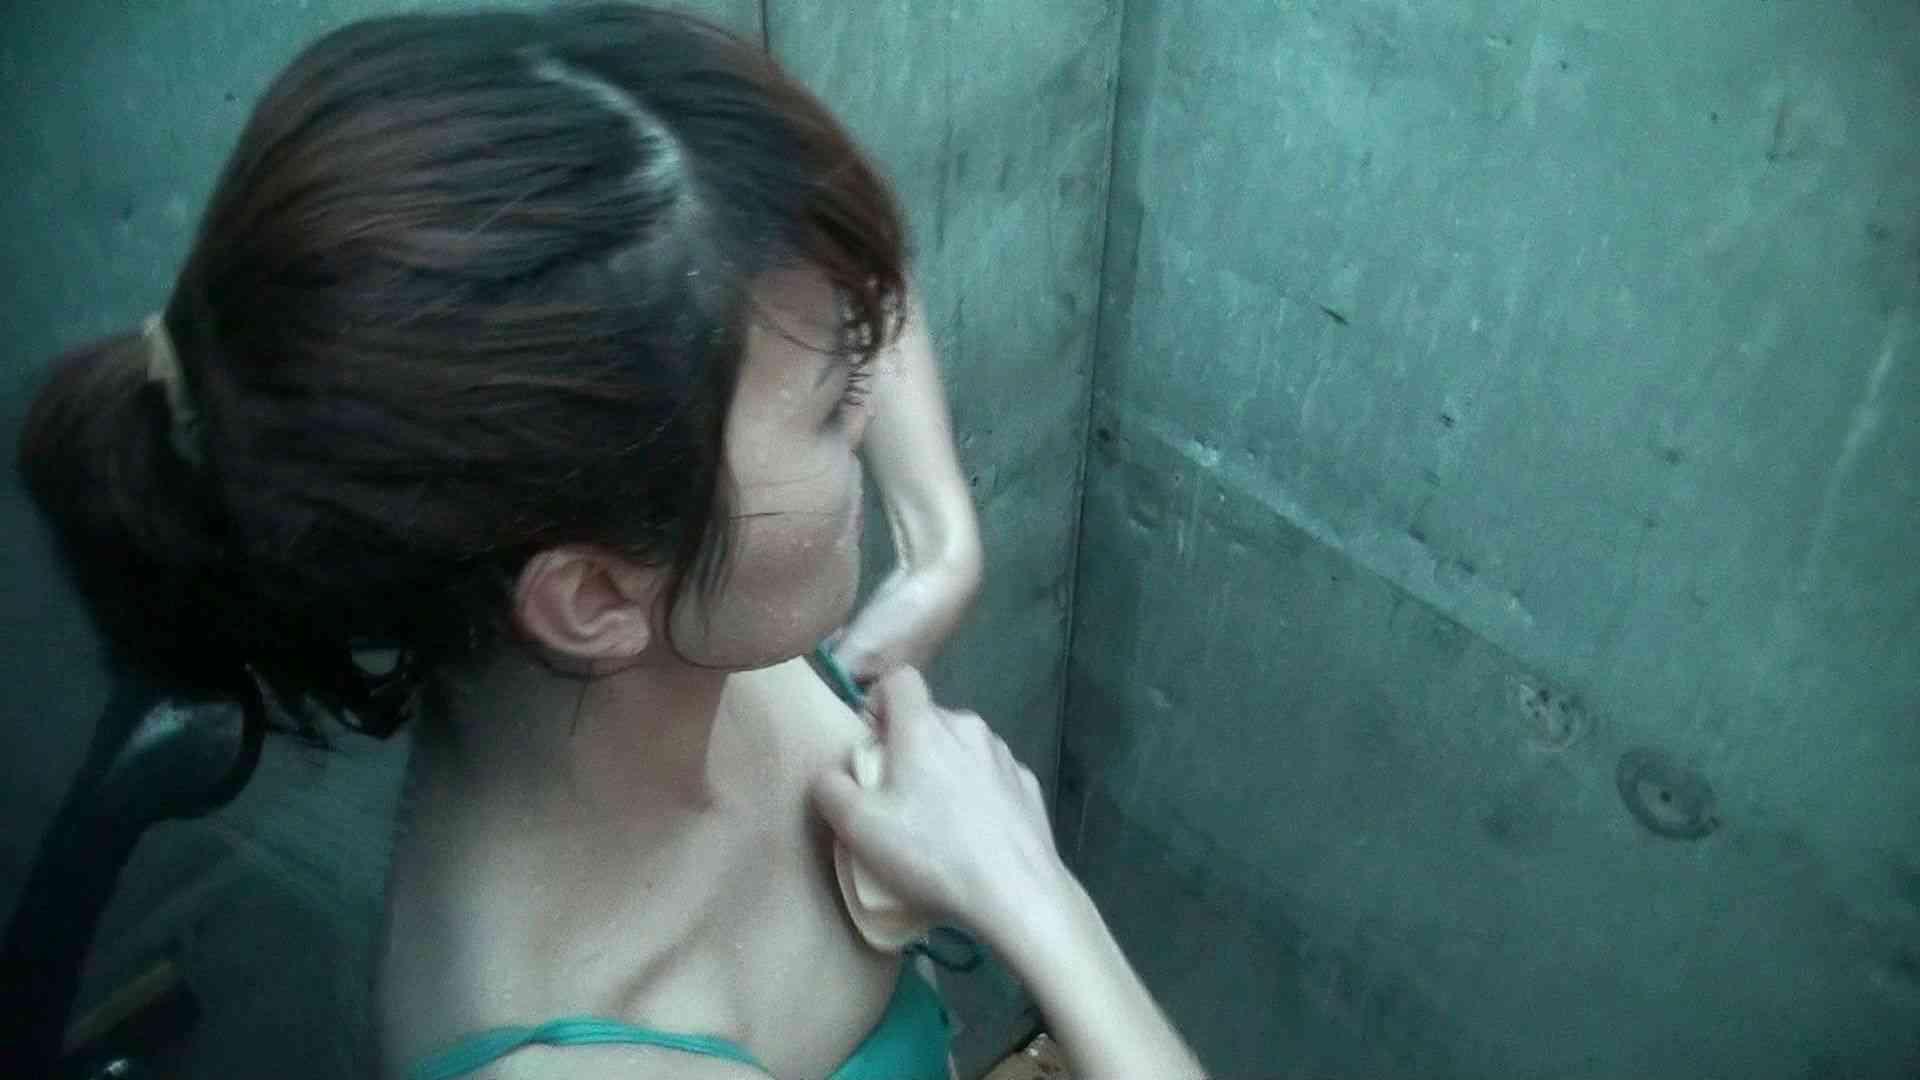 シャワールームは超!!危険な香りVol.30 甘栗剥いちゃいました エロティックなOL 盗み撮り動画 56画像 11